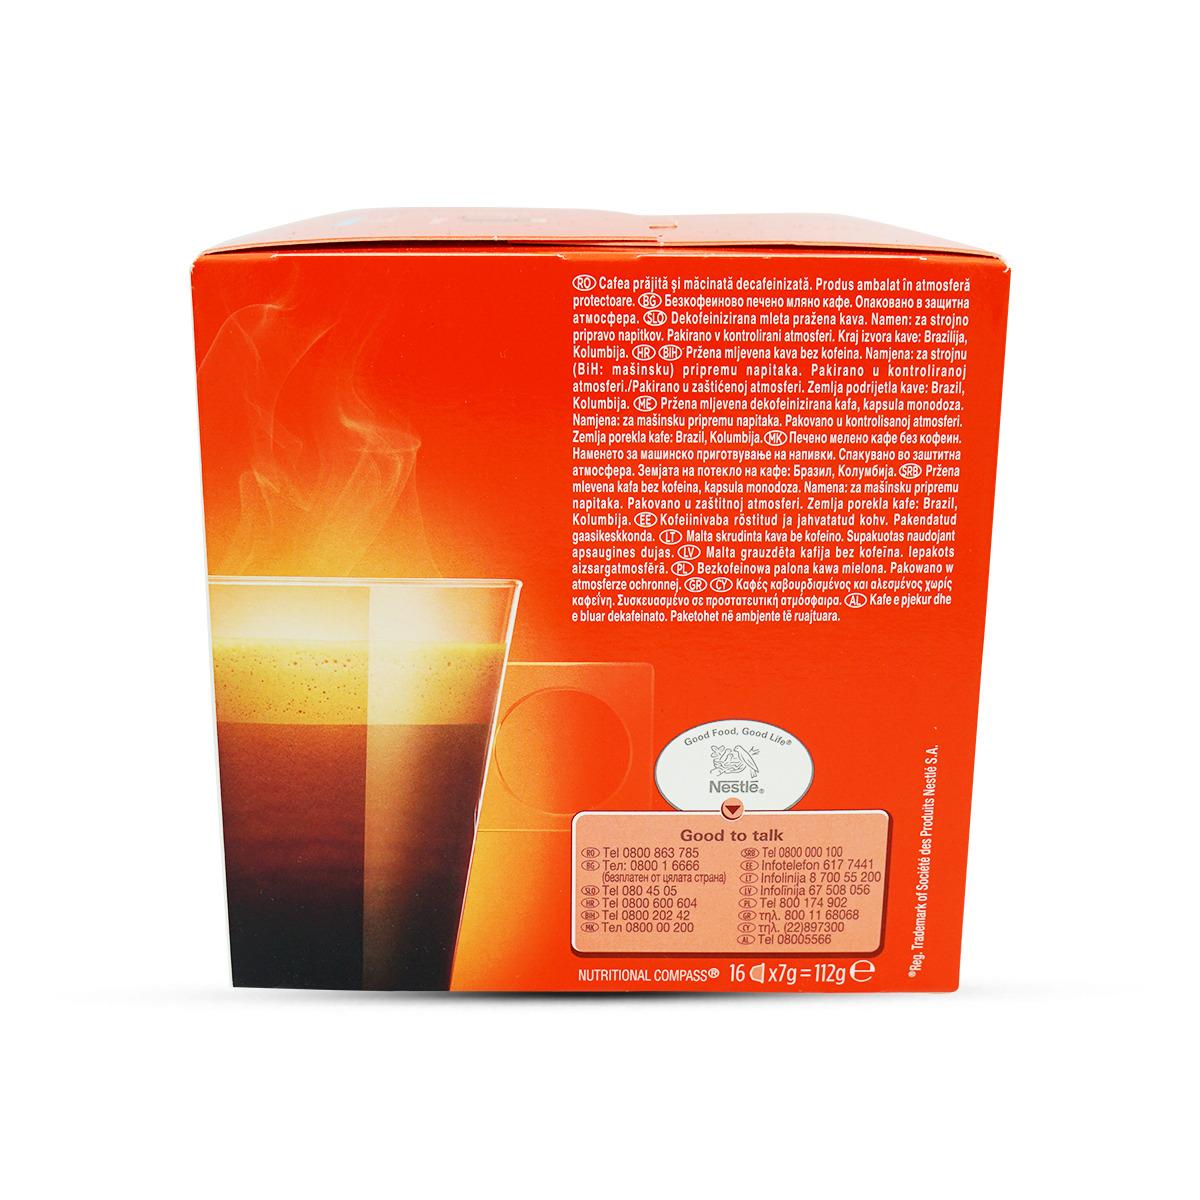 Nescafé Dolce Gusto Caffè Lungo koffeinfrei Kaffeekapseln 16Stk.